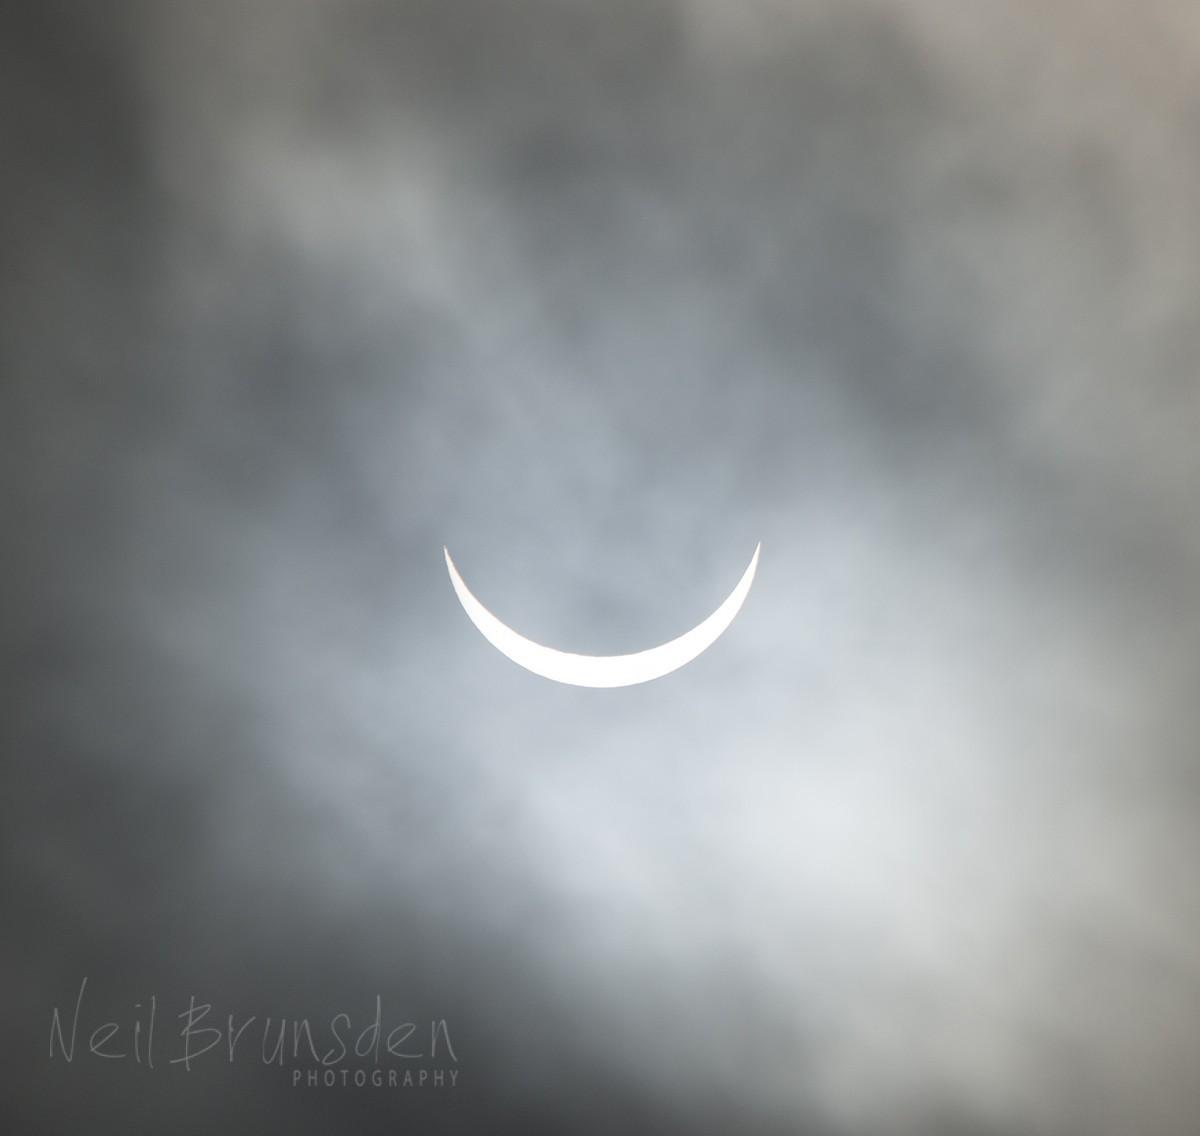 Mancunian Solar Eclipse 3